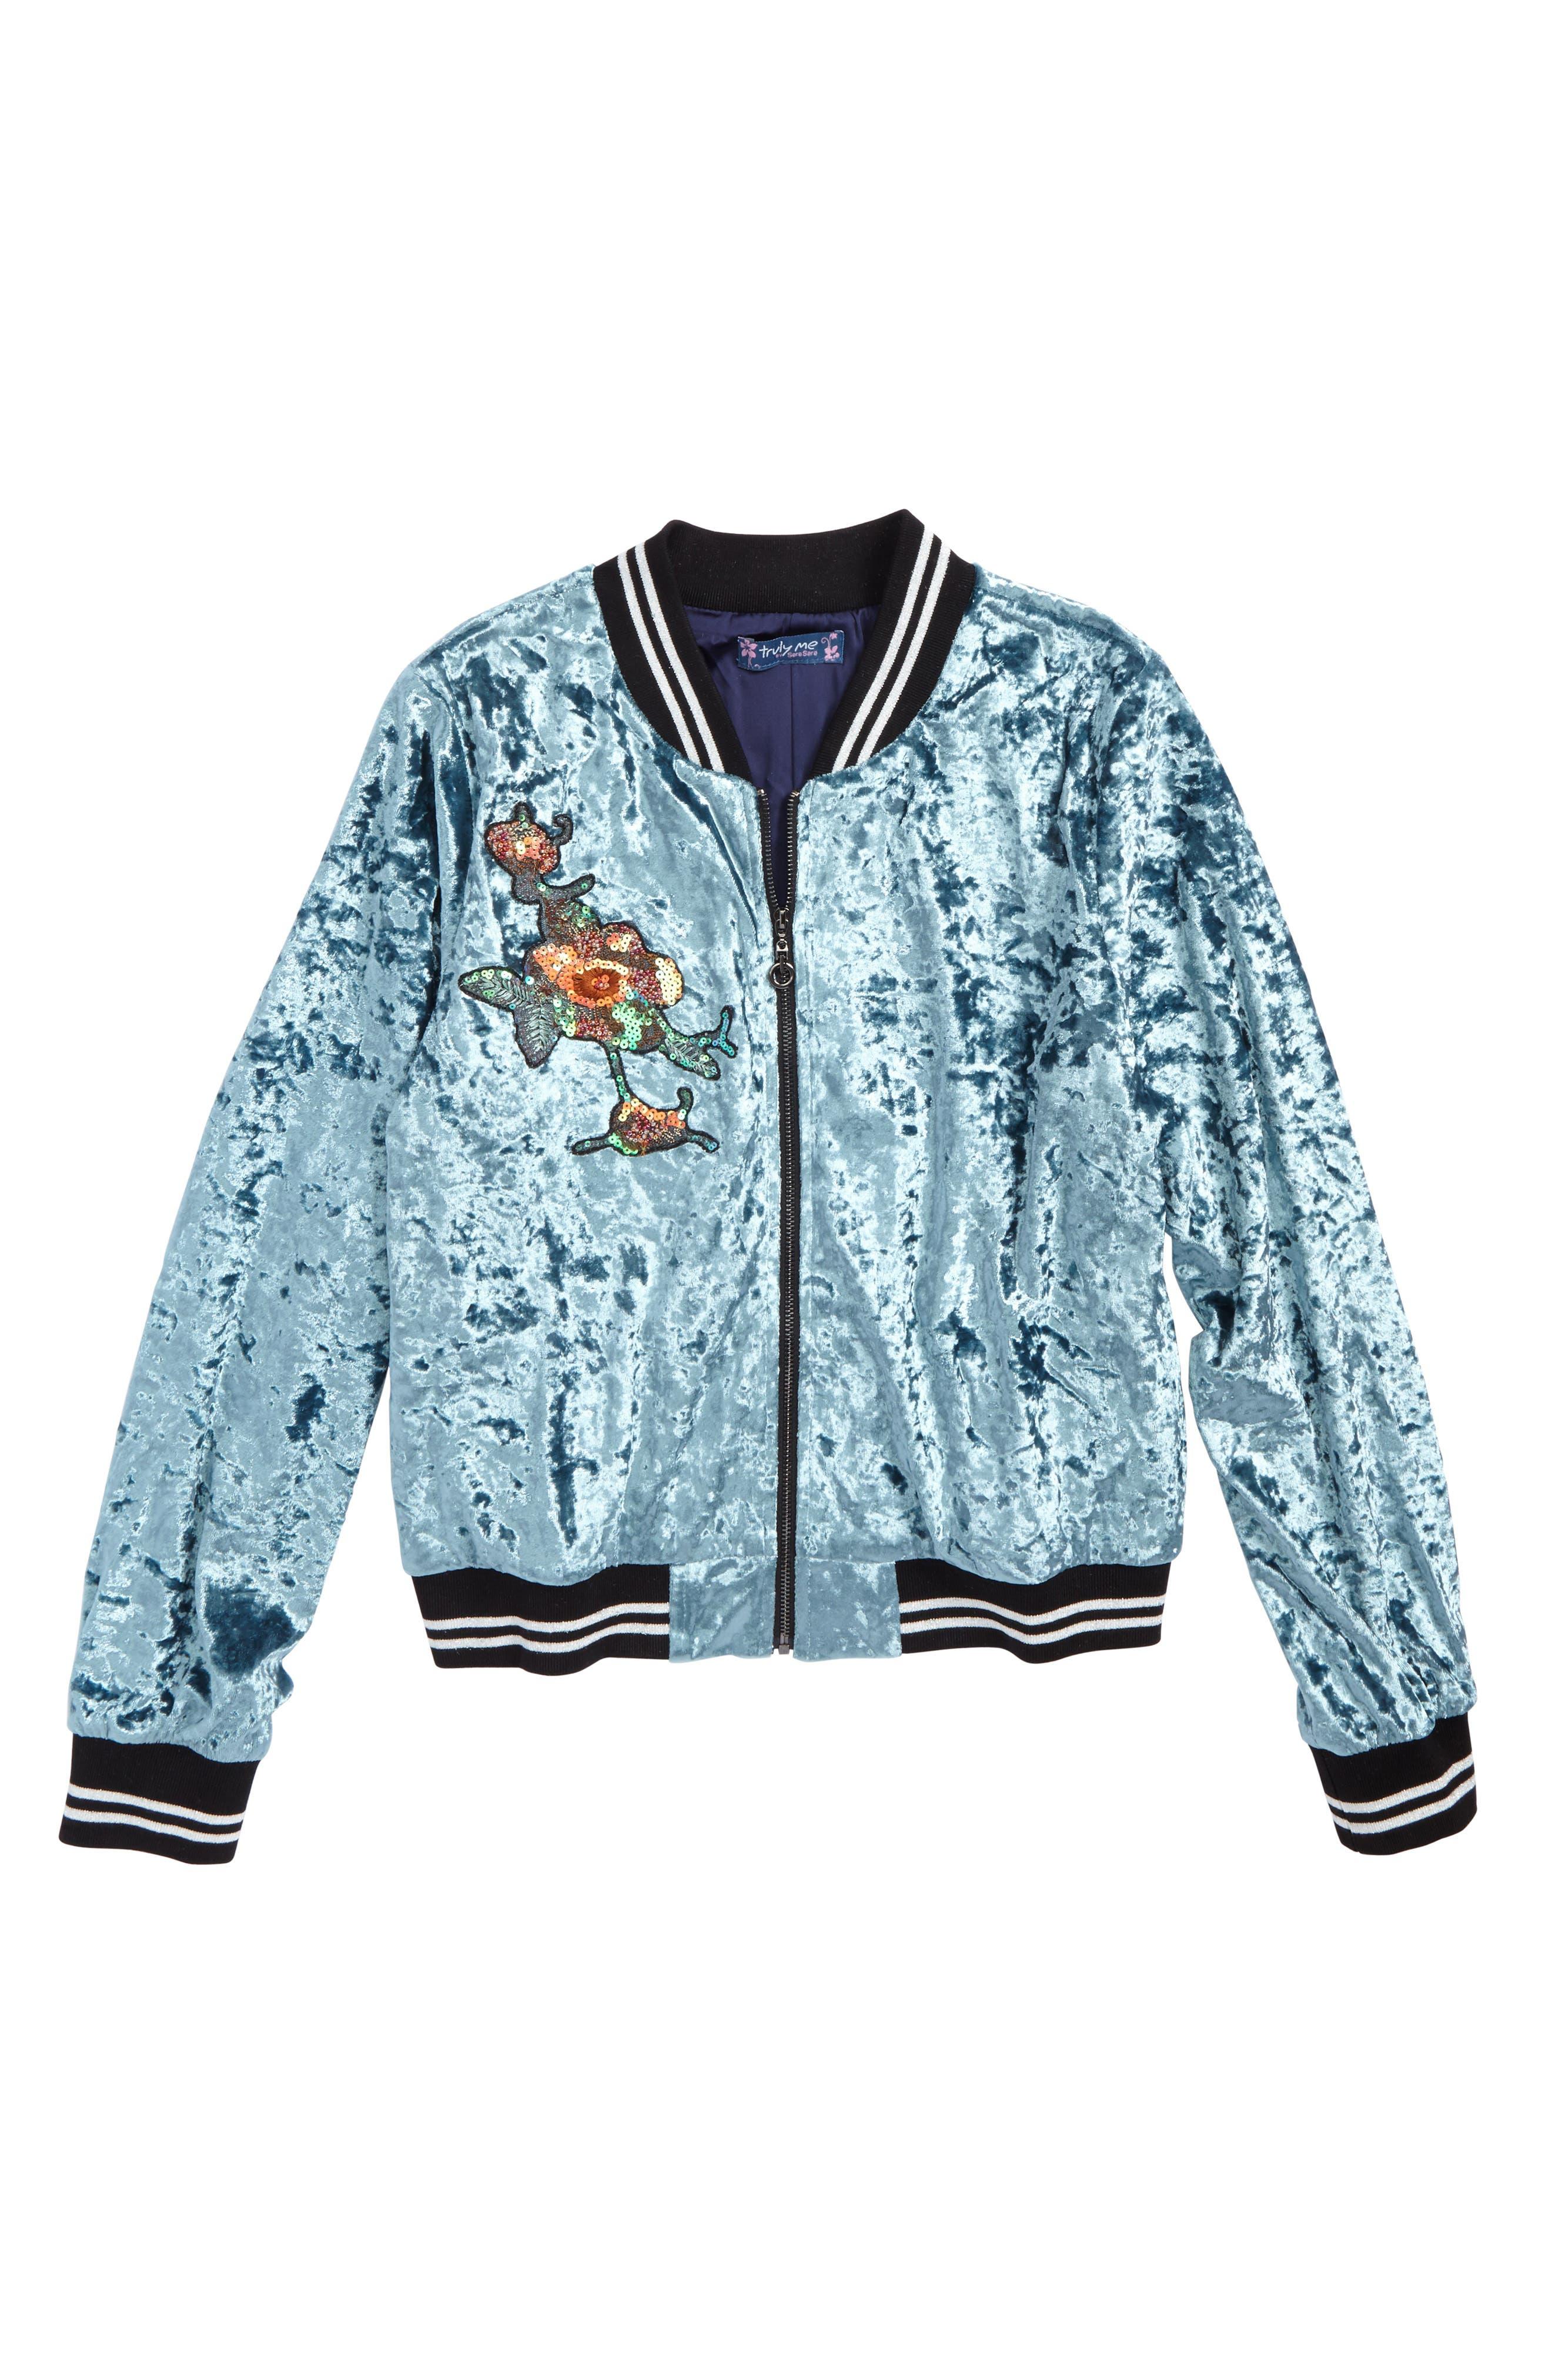 Alternate Image 1 Selected - Truly Me Embellished Velvet Bomber Jacket (Big Girls)